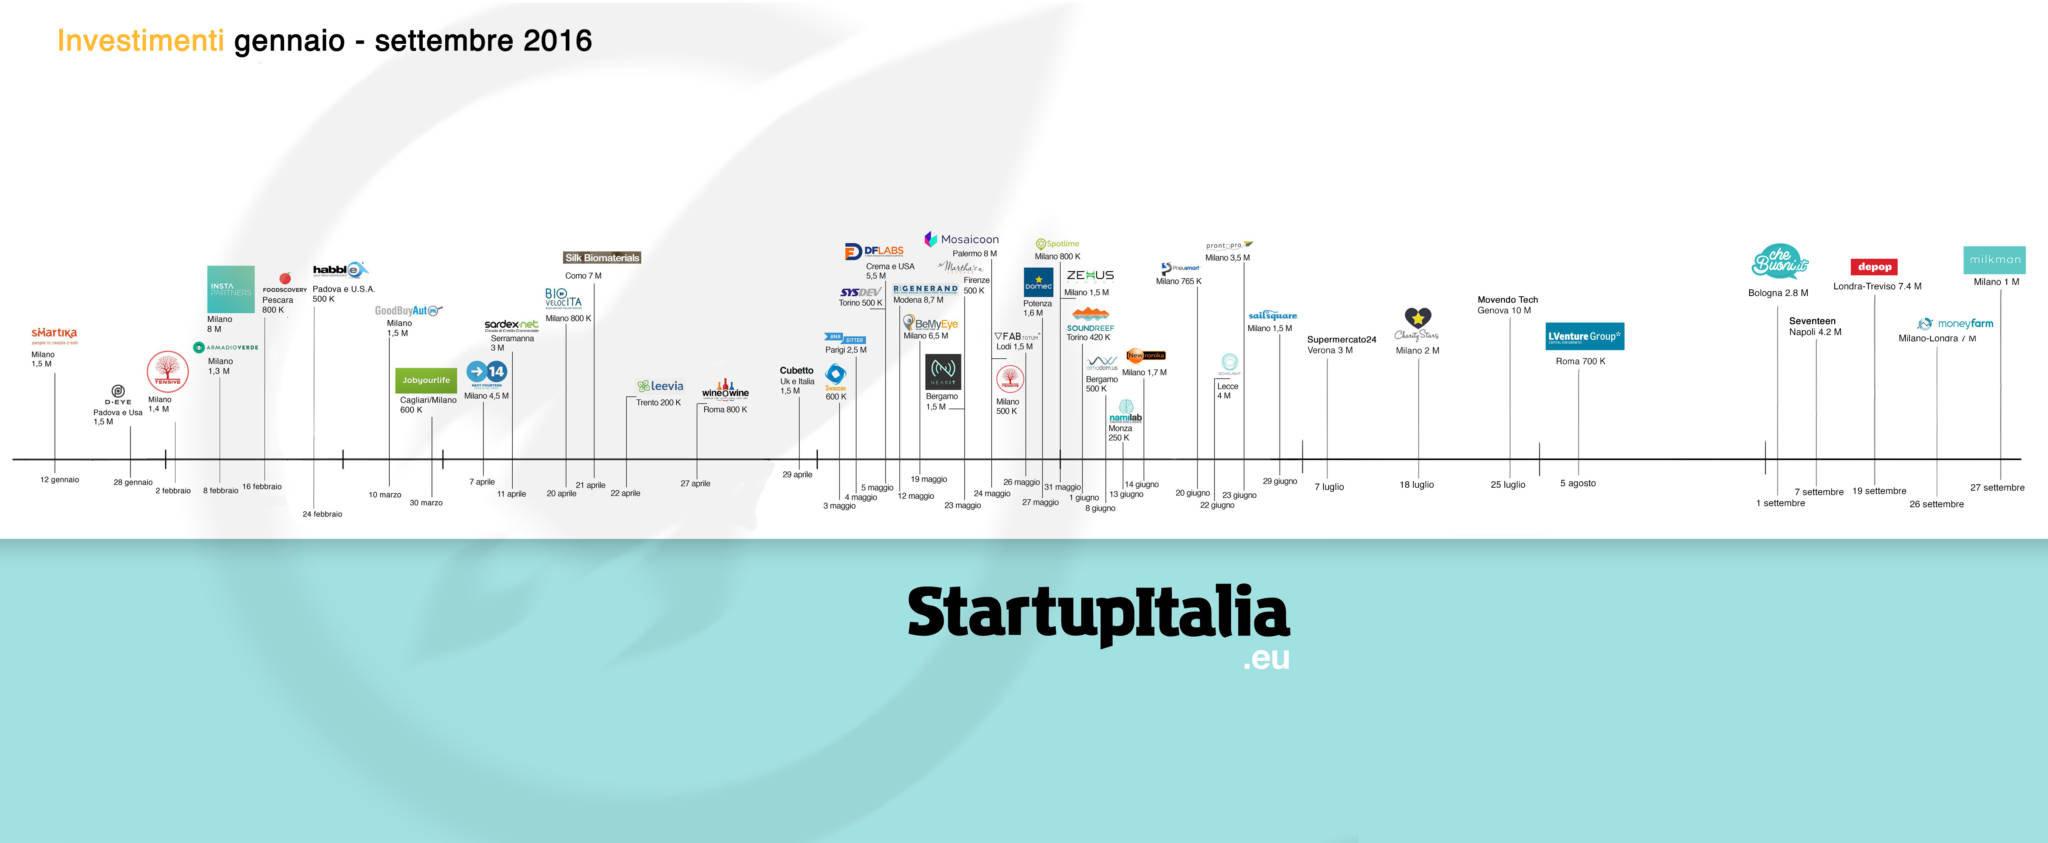 startup investimenti 2016